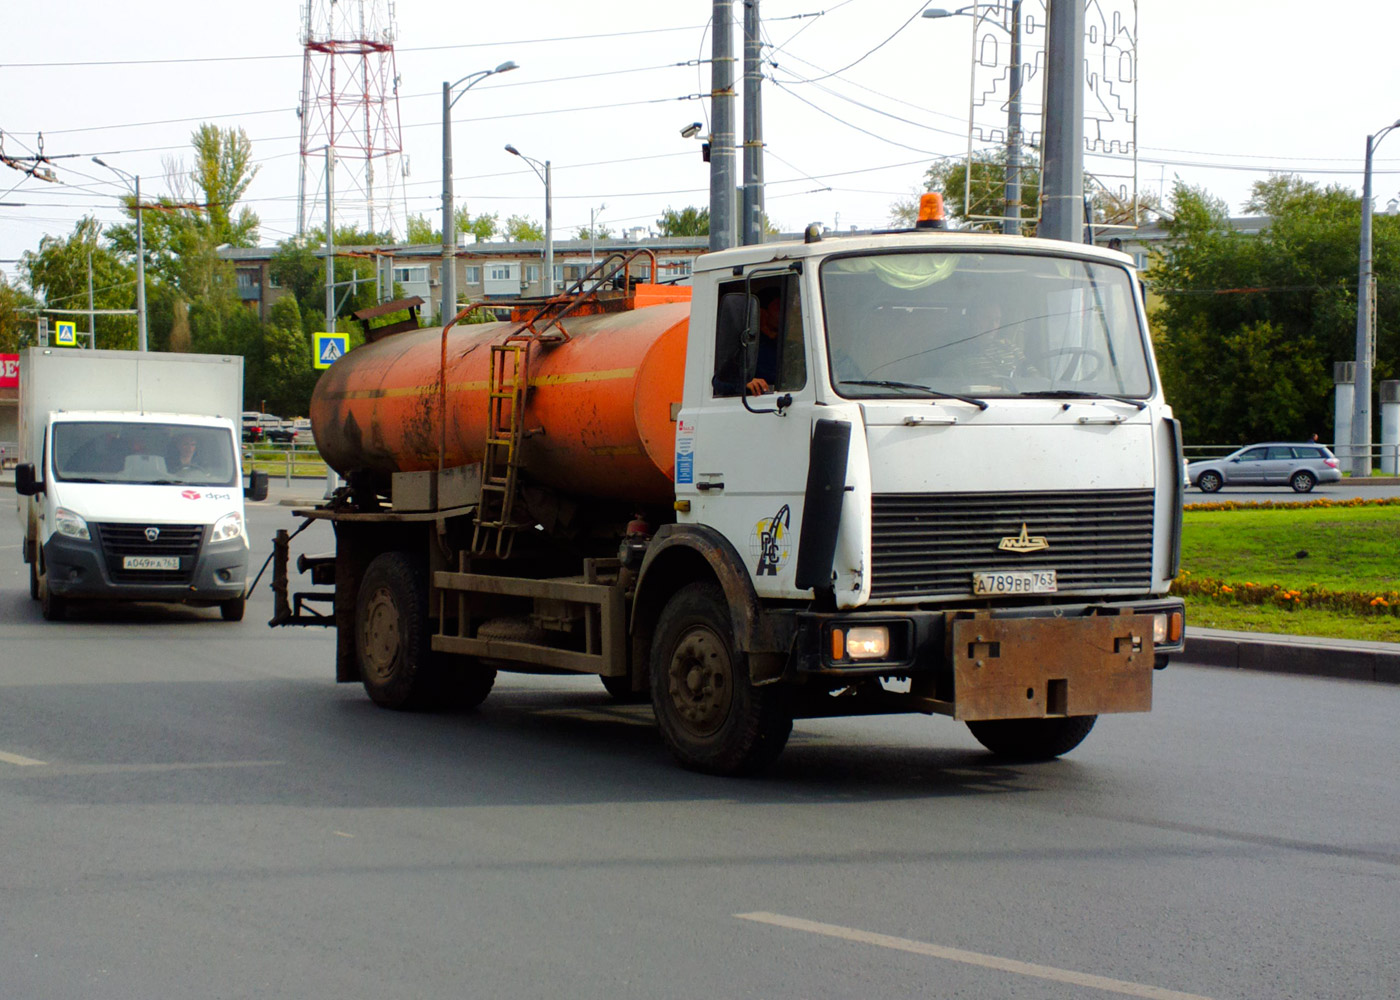 """Автогудронатор МК-7 на шасси МАЗ-5551 #А789ВВ763, фургон ГАЗ-A21R22 """"Газель Next"""" #А049РА763. Самара, Московское шоссе"""